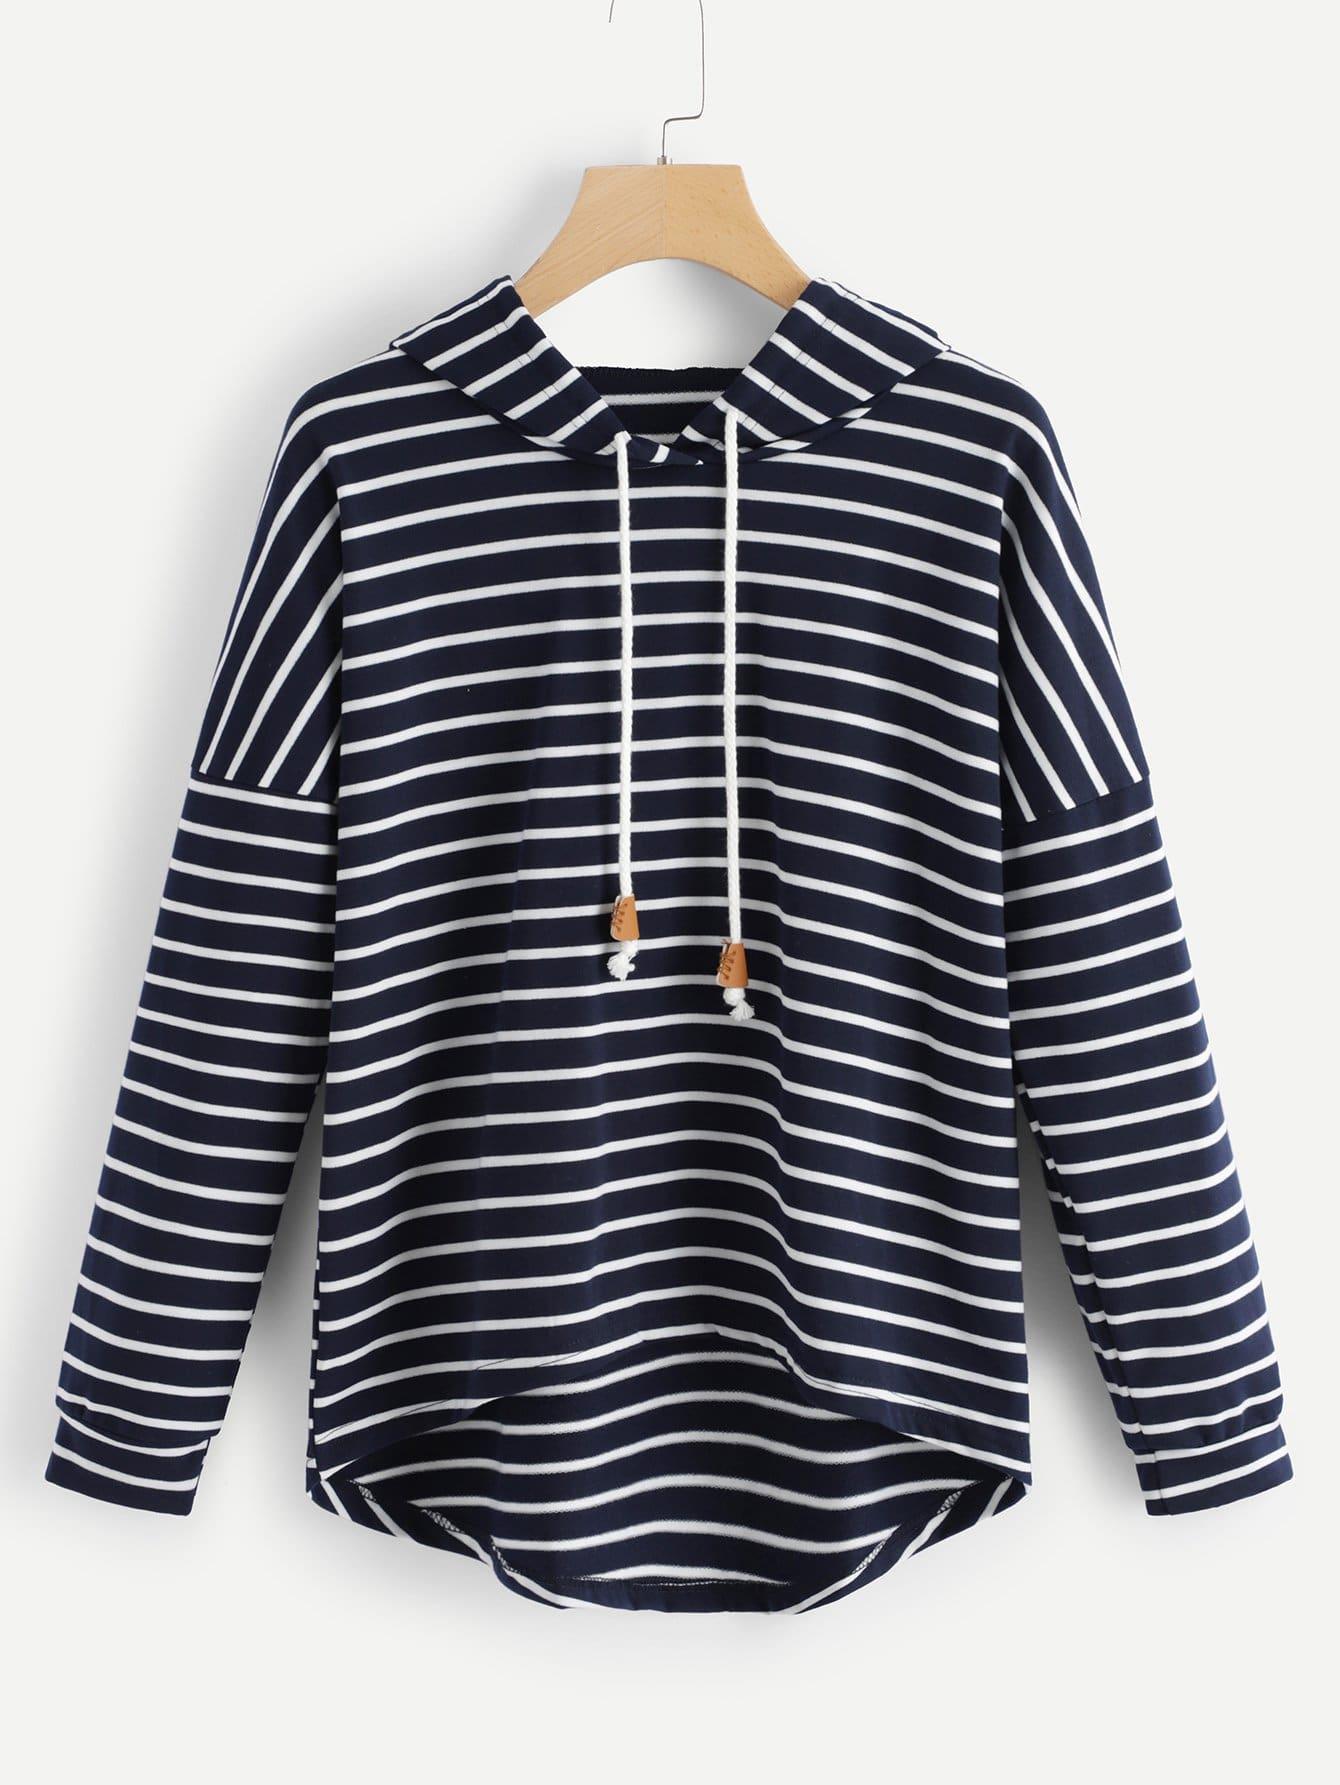 Sweatshirt mit Streifen, sehr tief angesetzter Schulterpartie und Kapuze